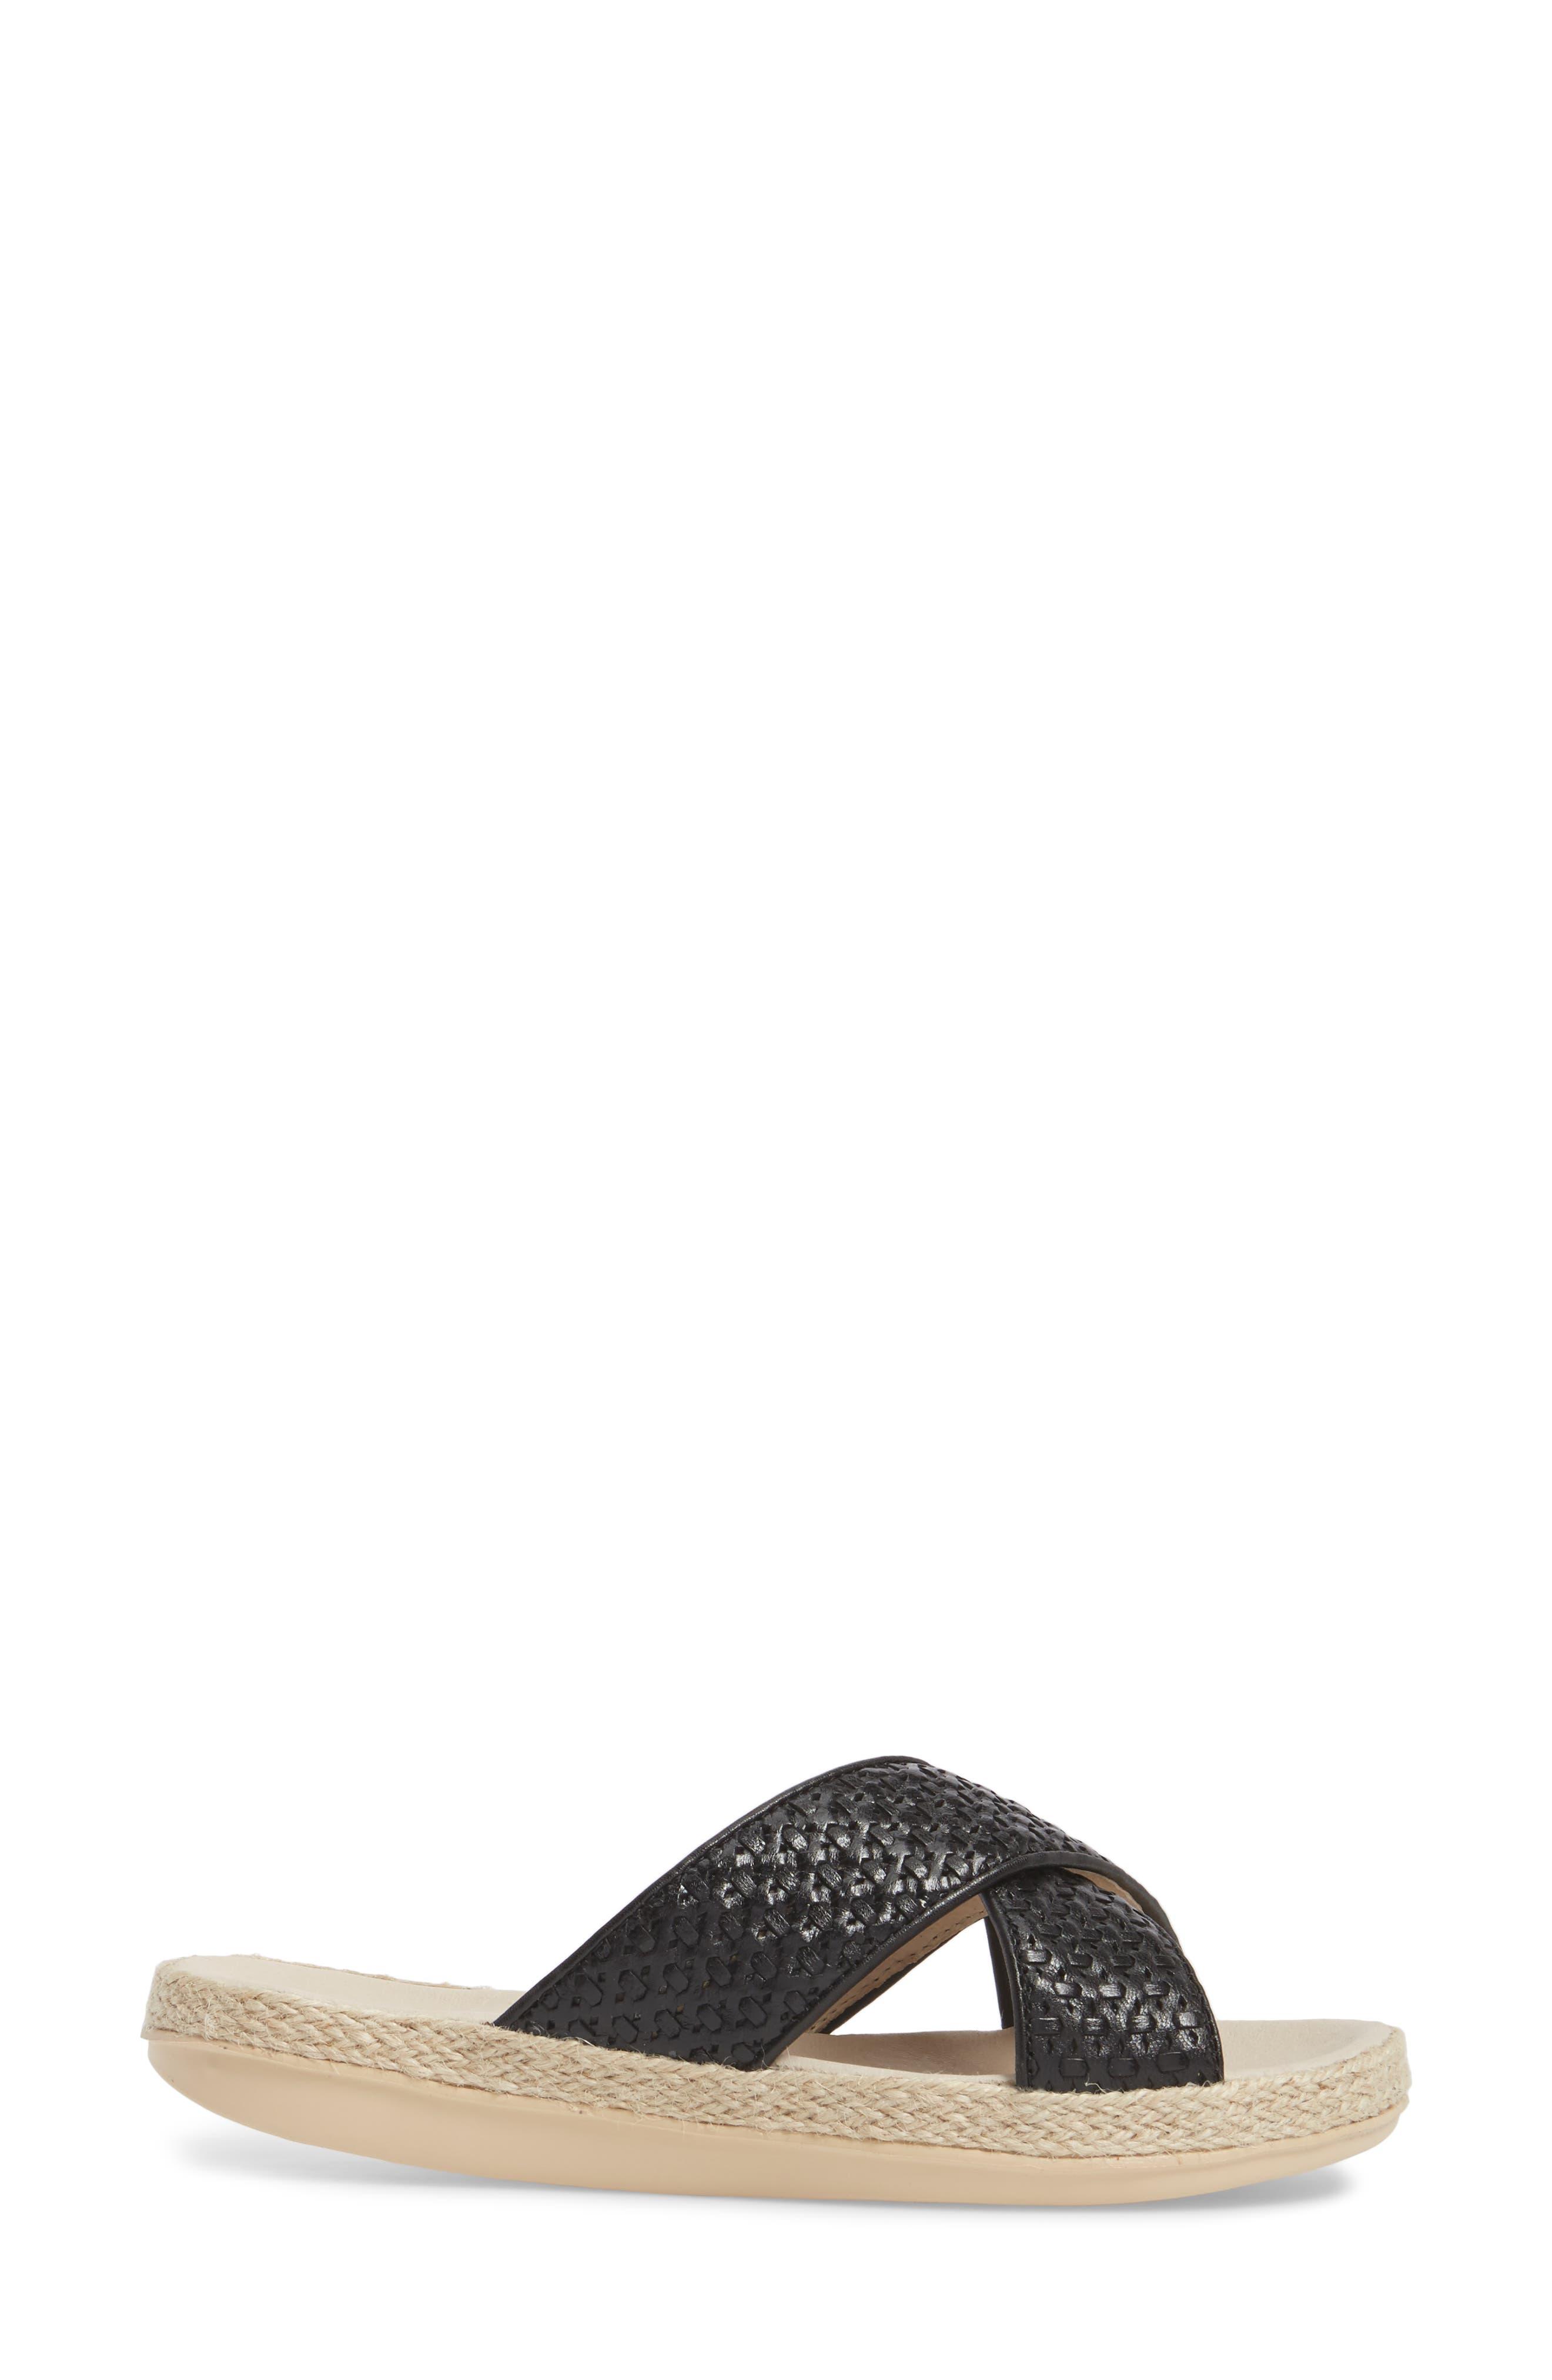 Glencairn Sandal,                             Alternate thumbnail 3, color,                             Black Leather